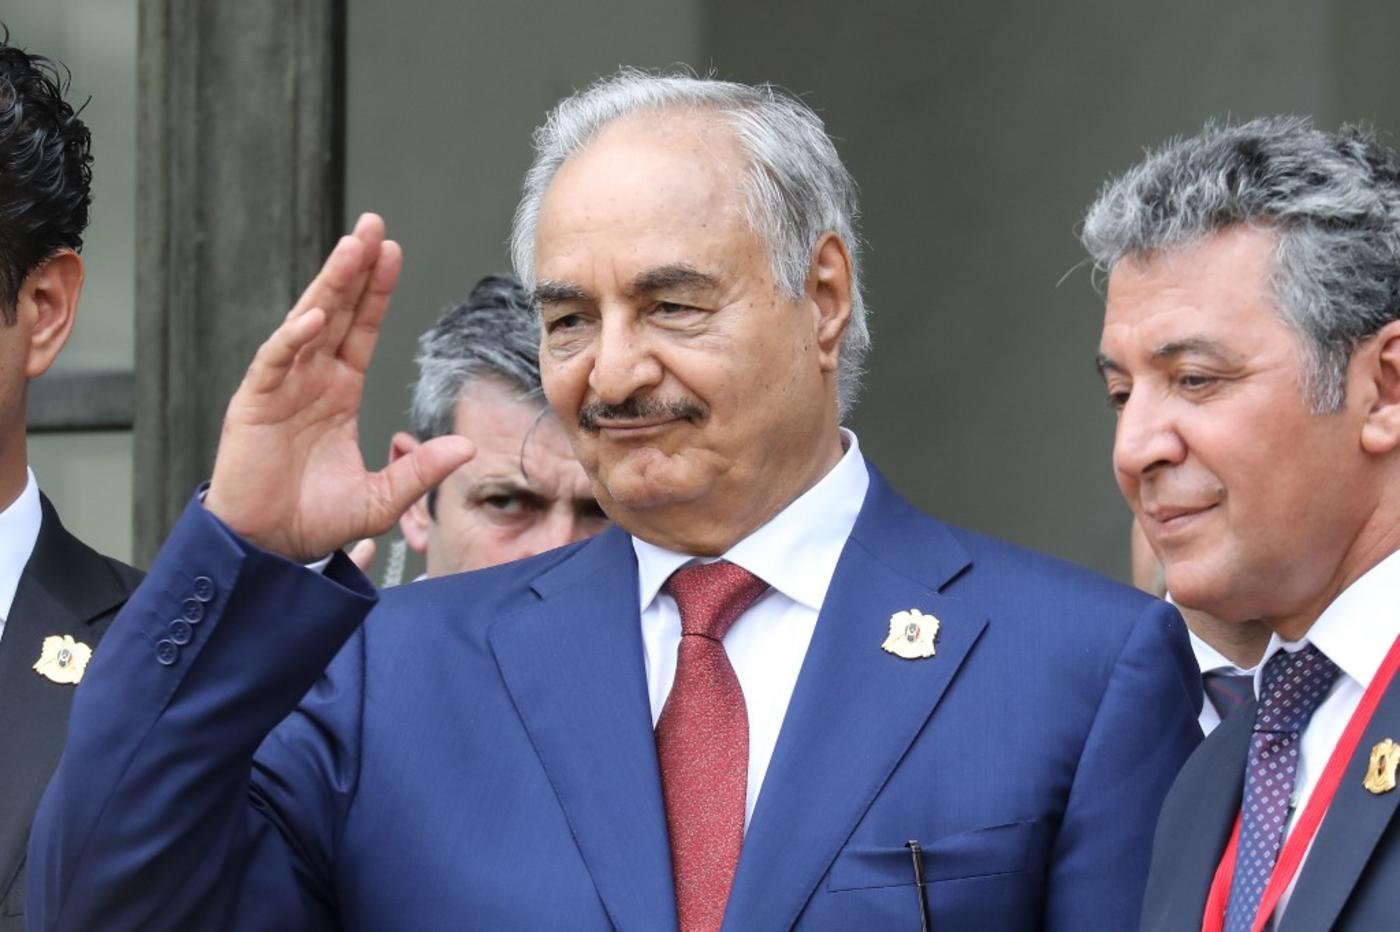 World powers in Berlin to seek elusive Libya peace